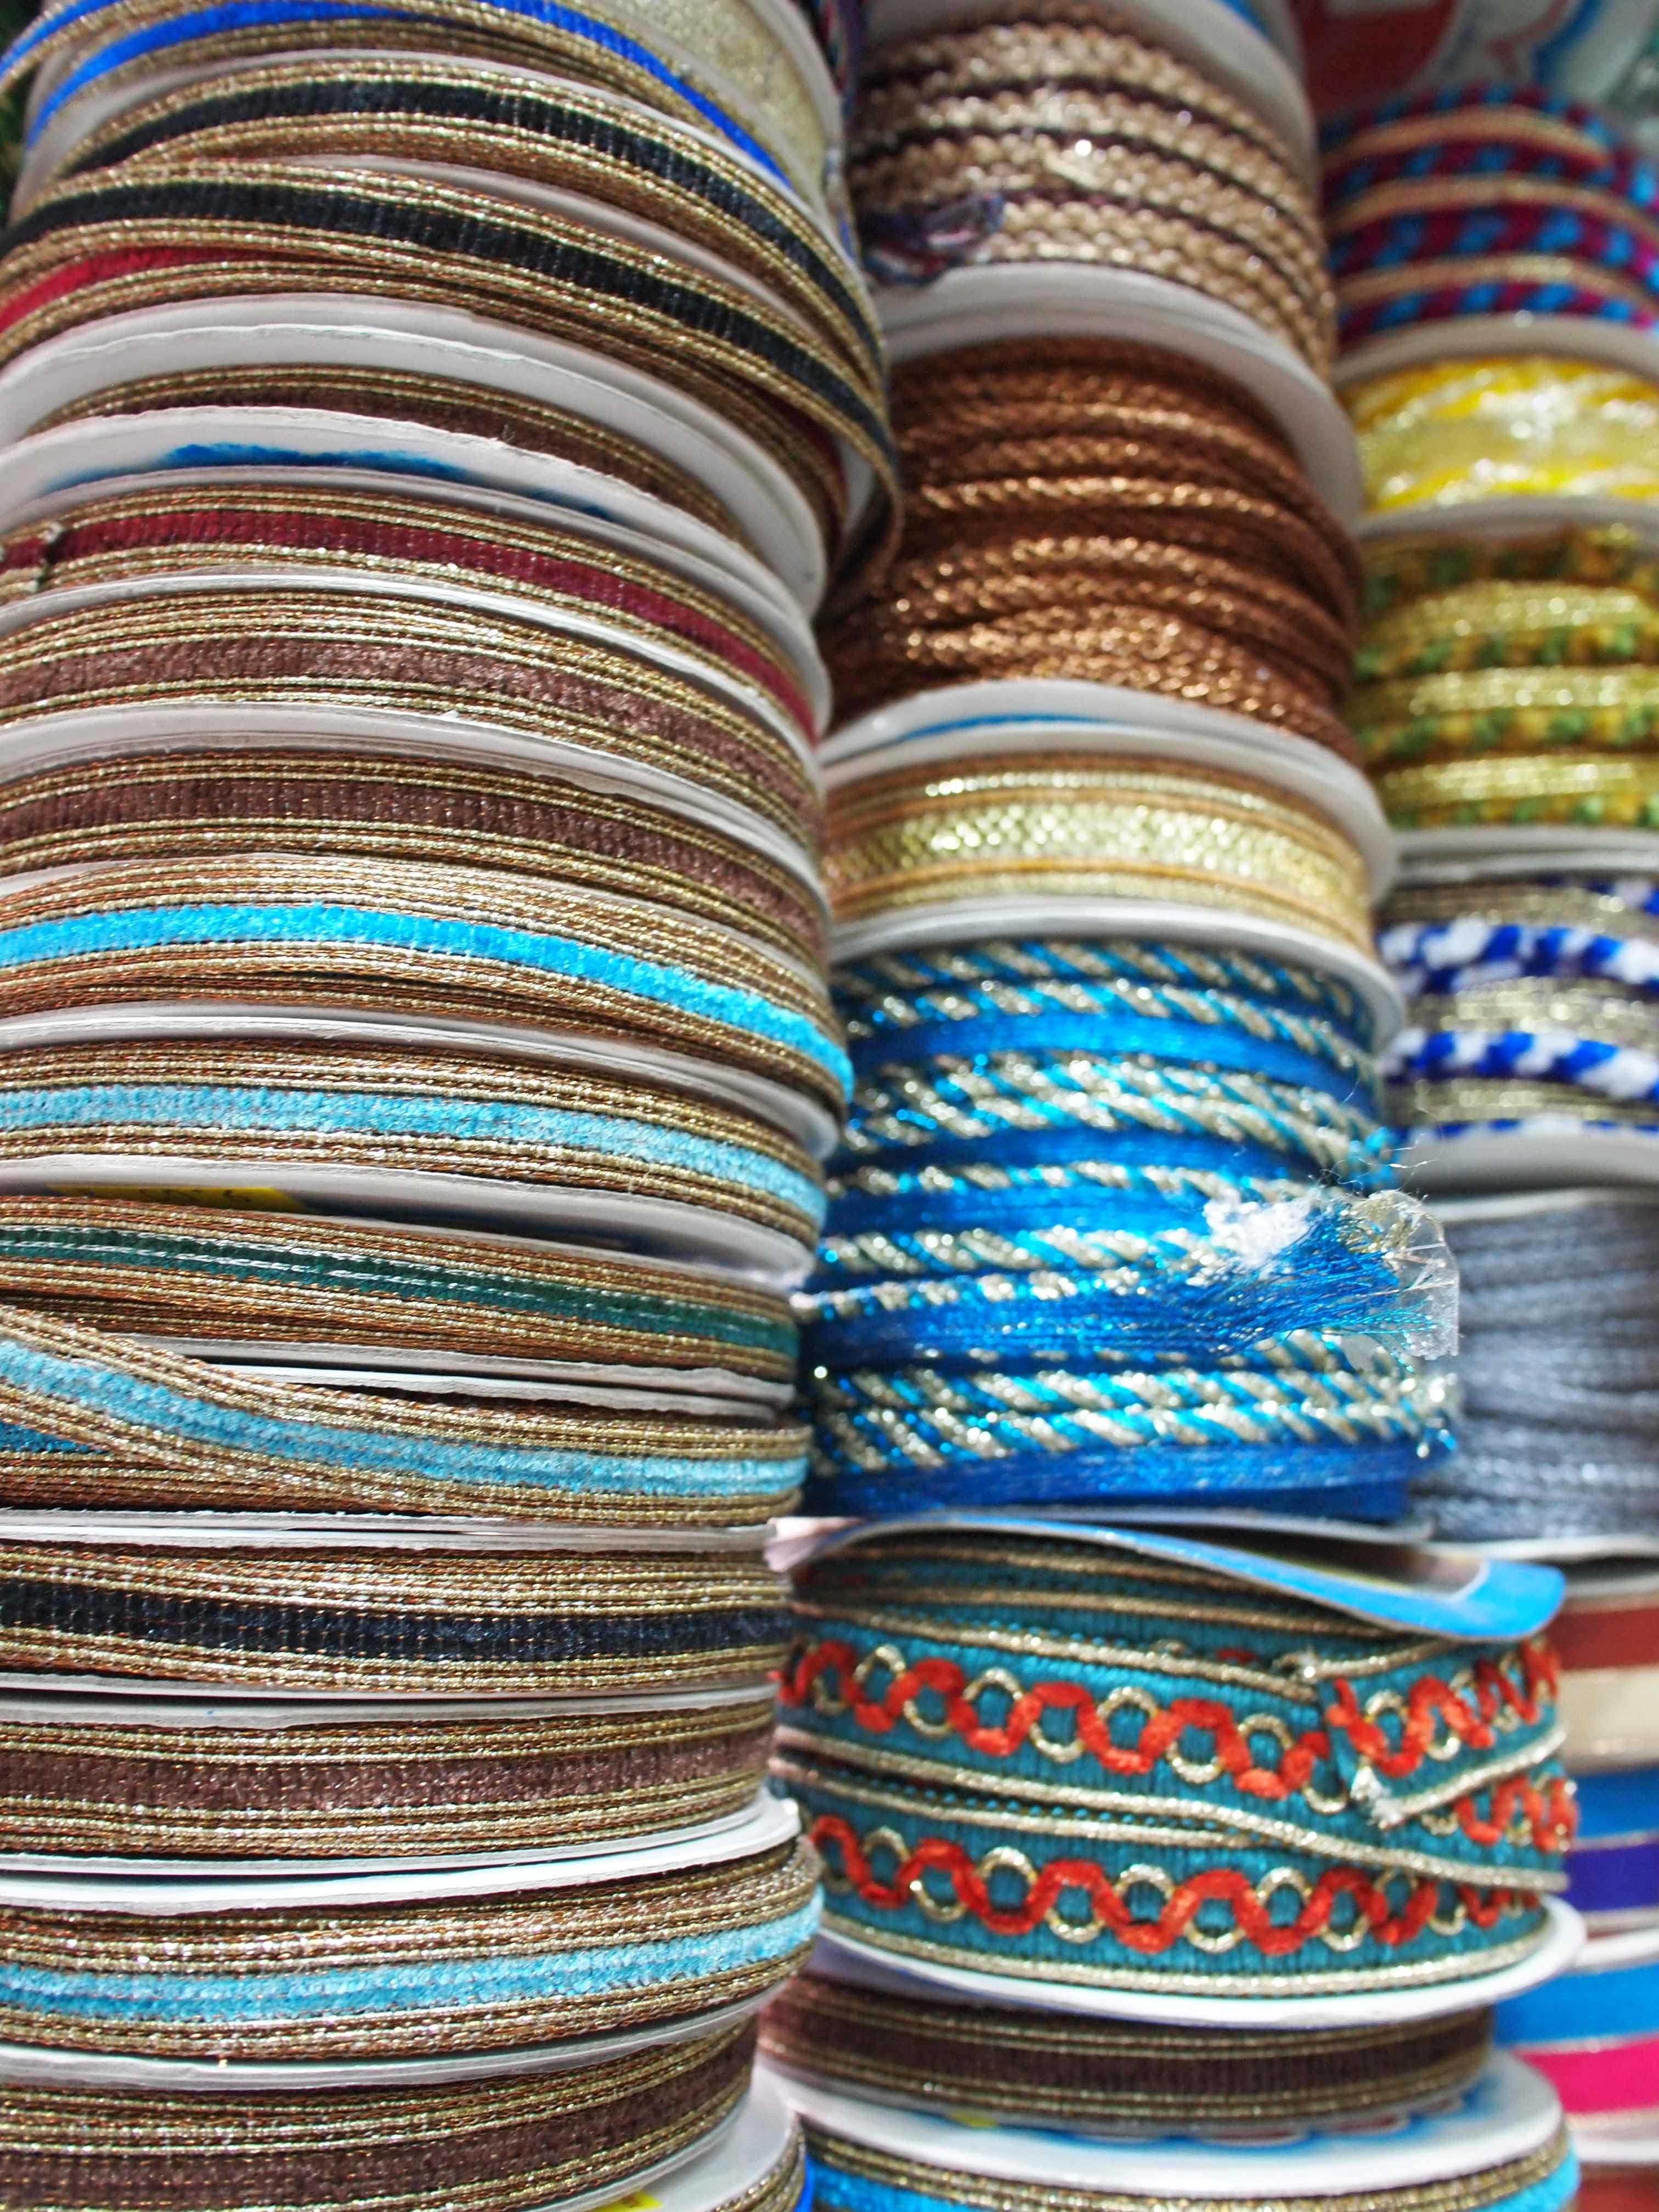 Mumbai: Crawford Market